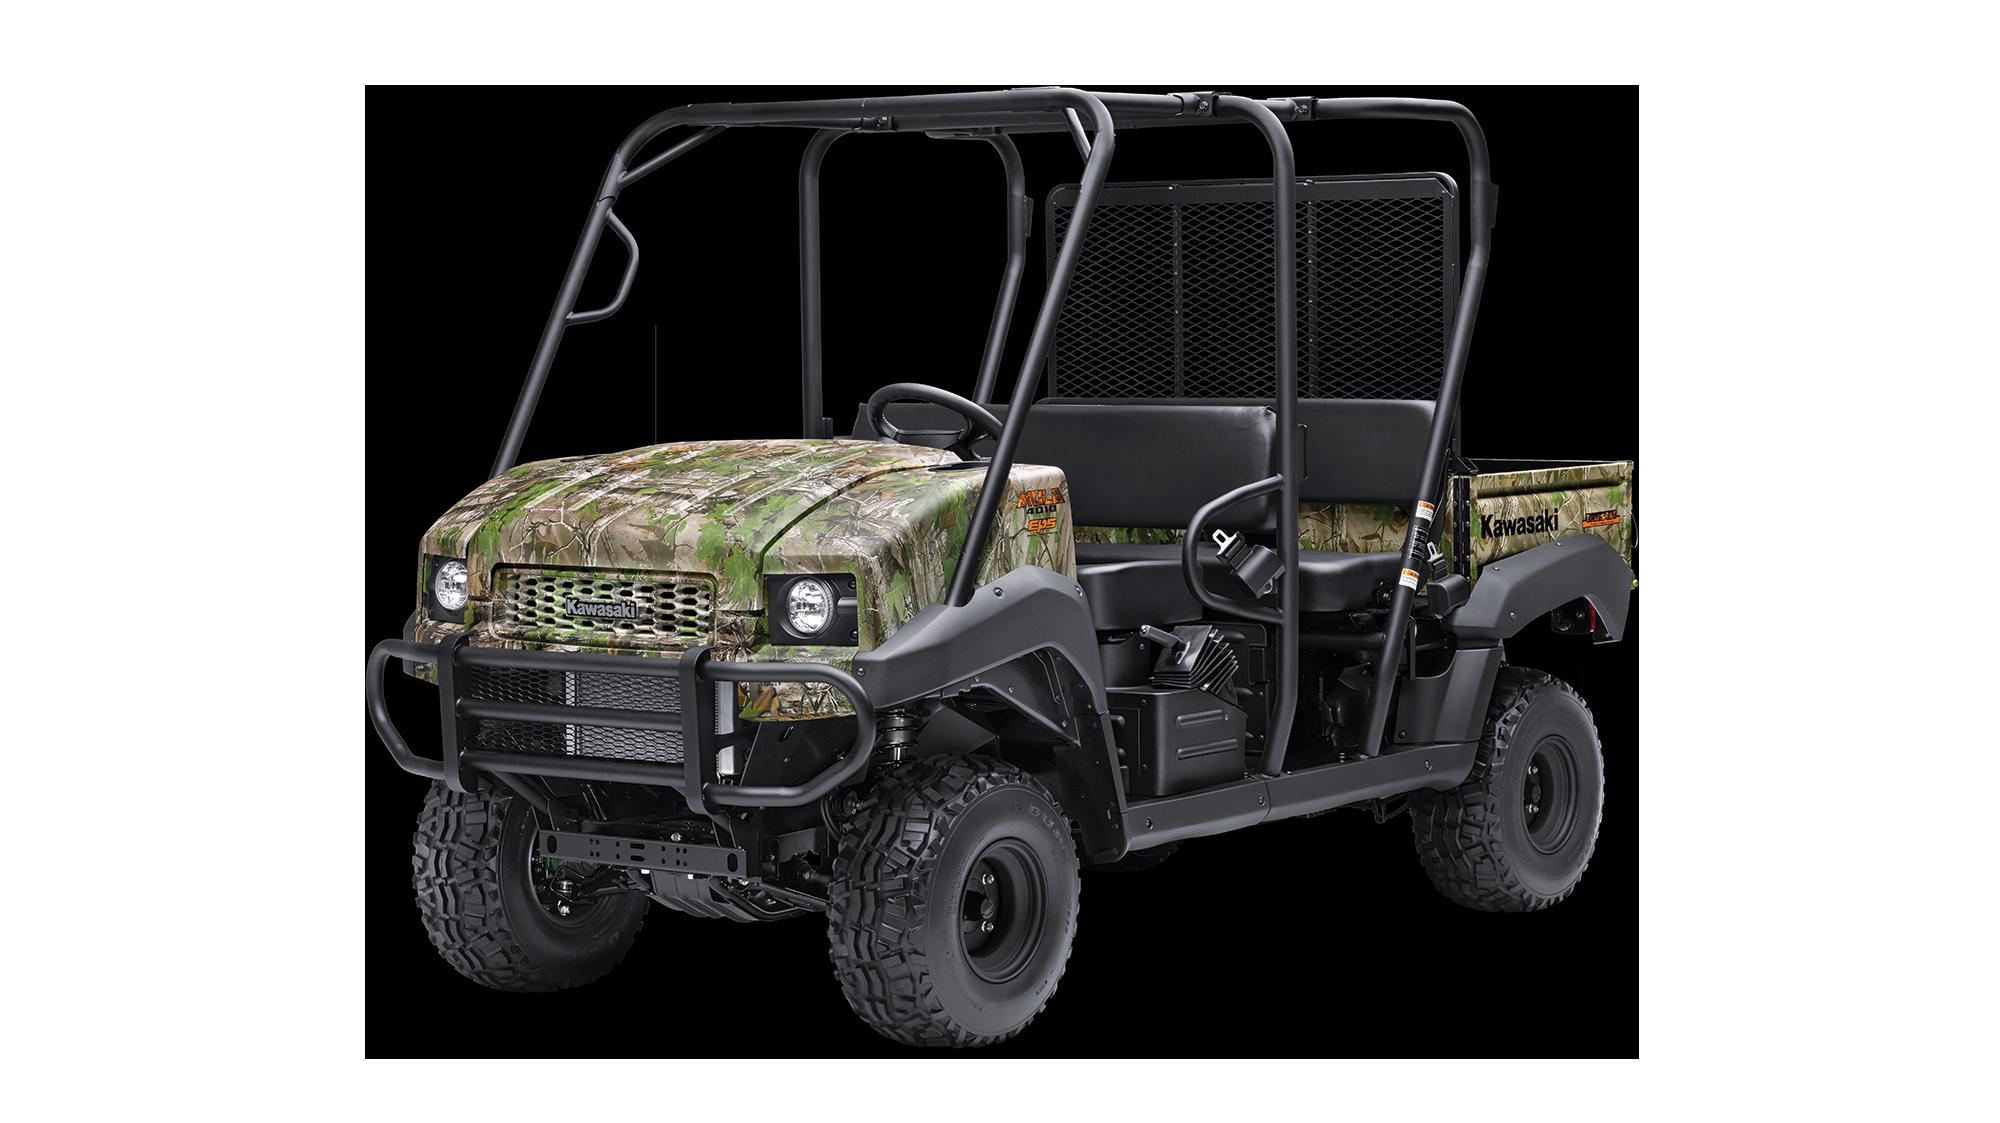 2020 MULE™ 4010 TRANS4x4® CAMO Mule™ Side X Side by Kawasaki